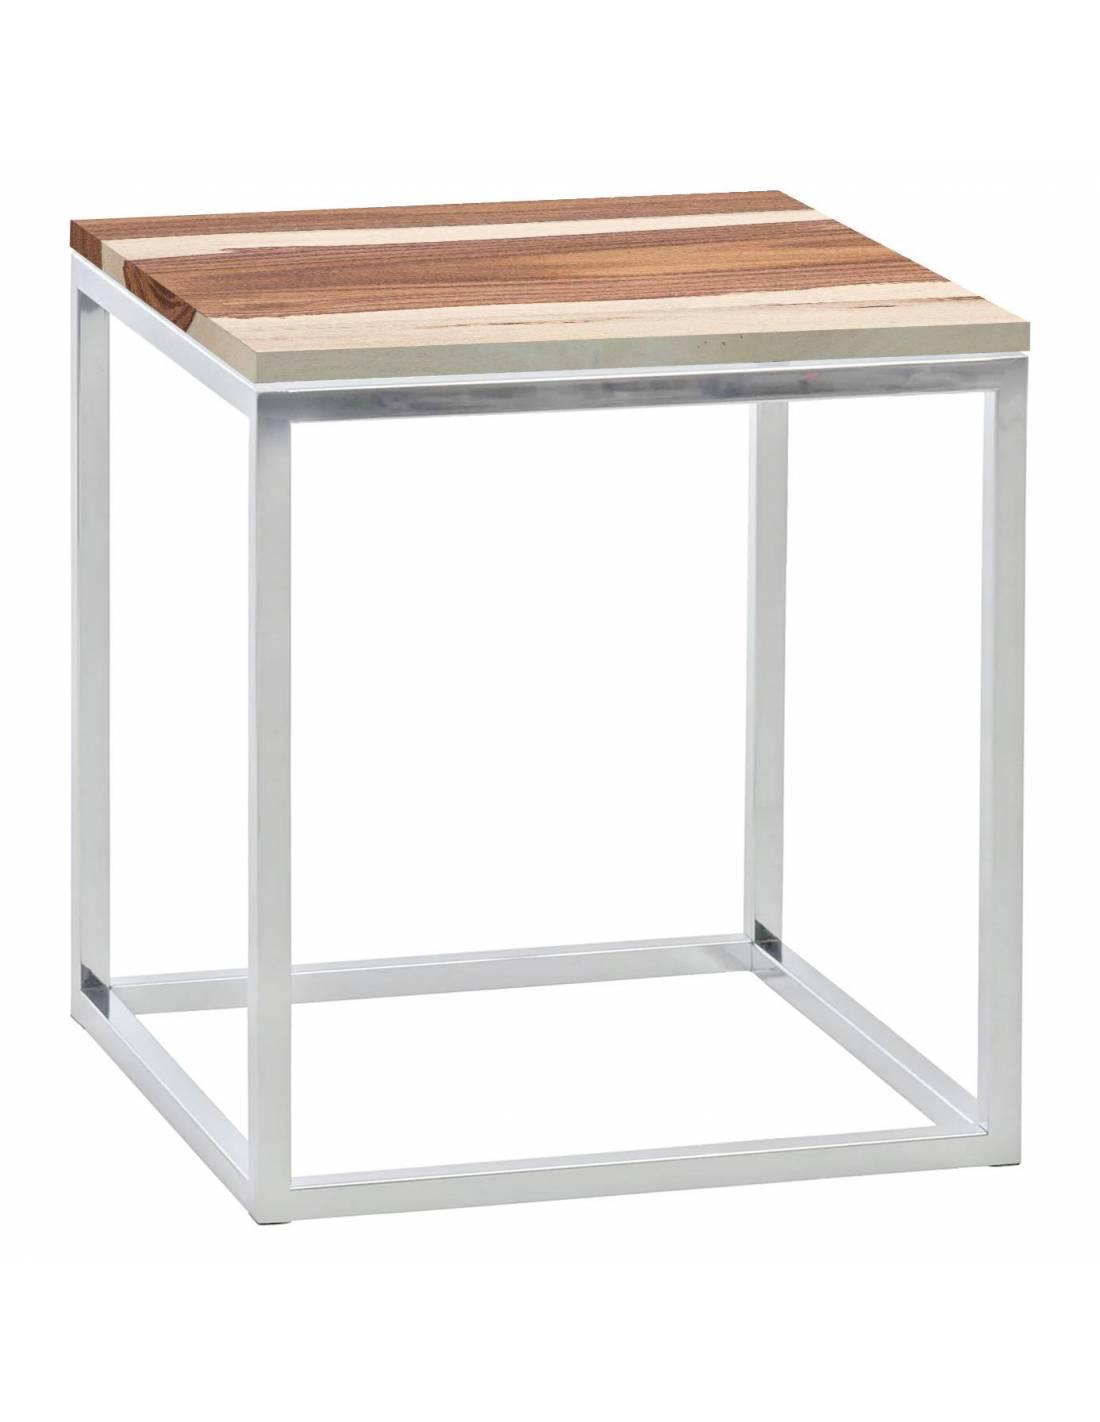 Chromowany metalowy srebrny stolik z drewnianym blatem